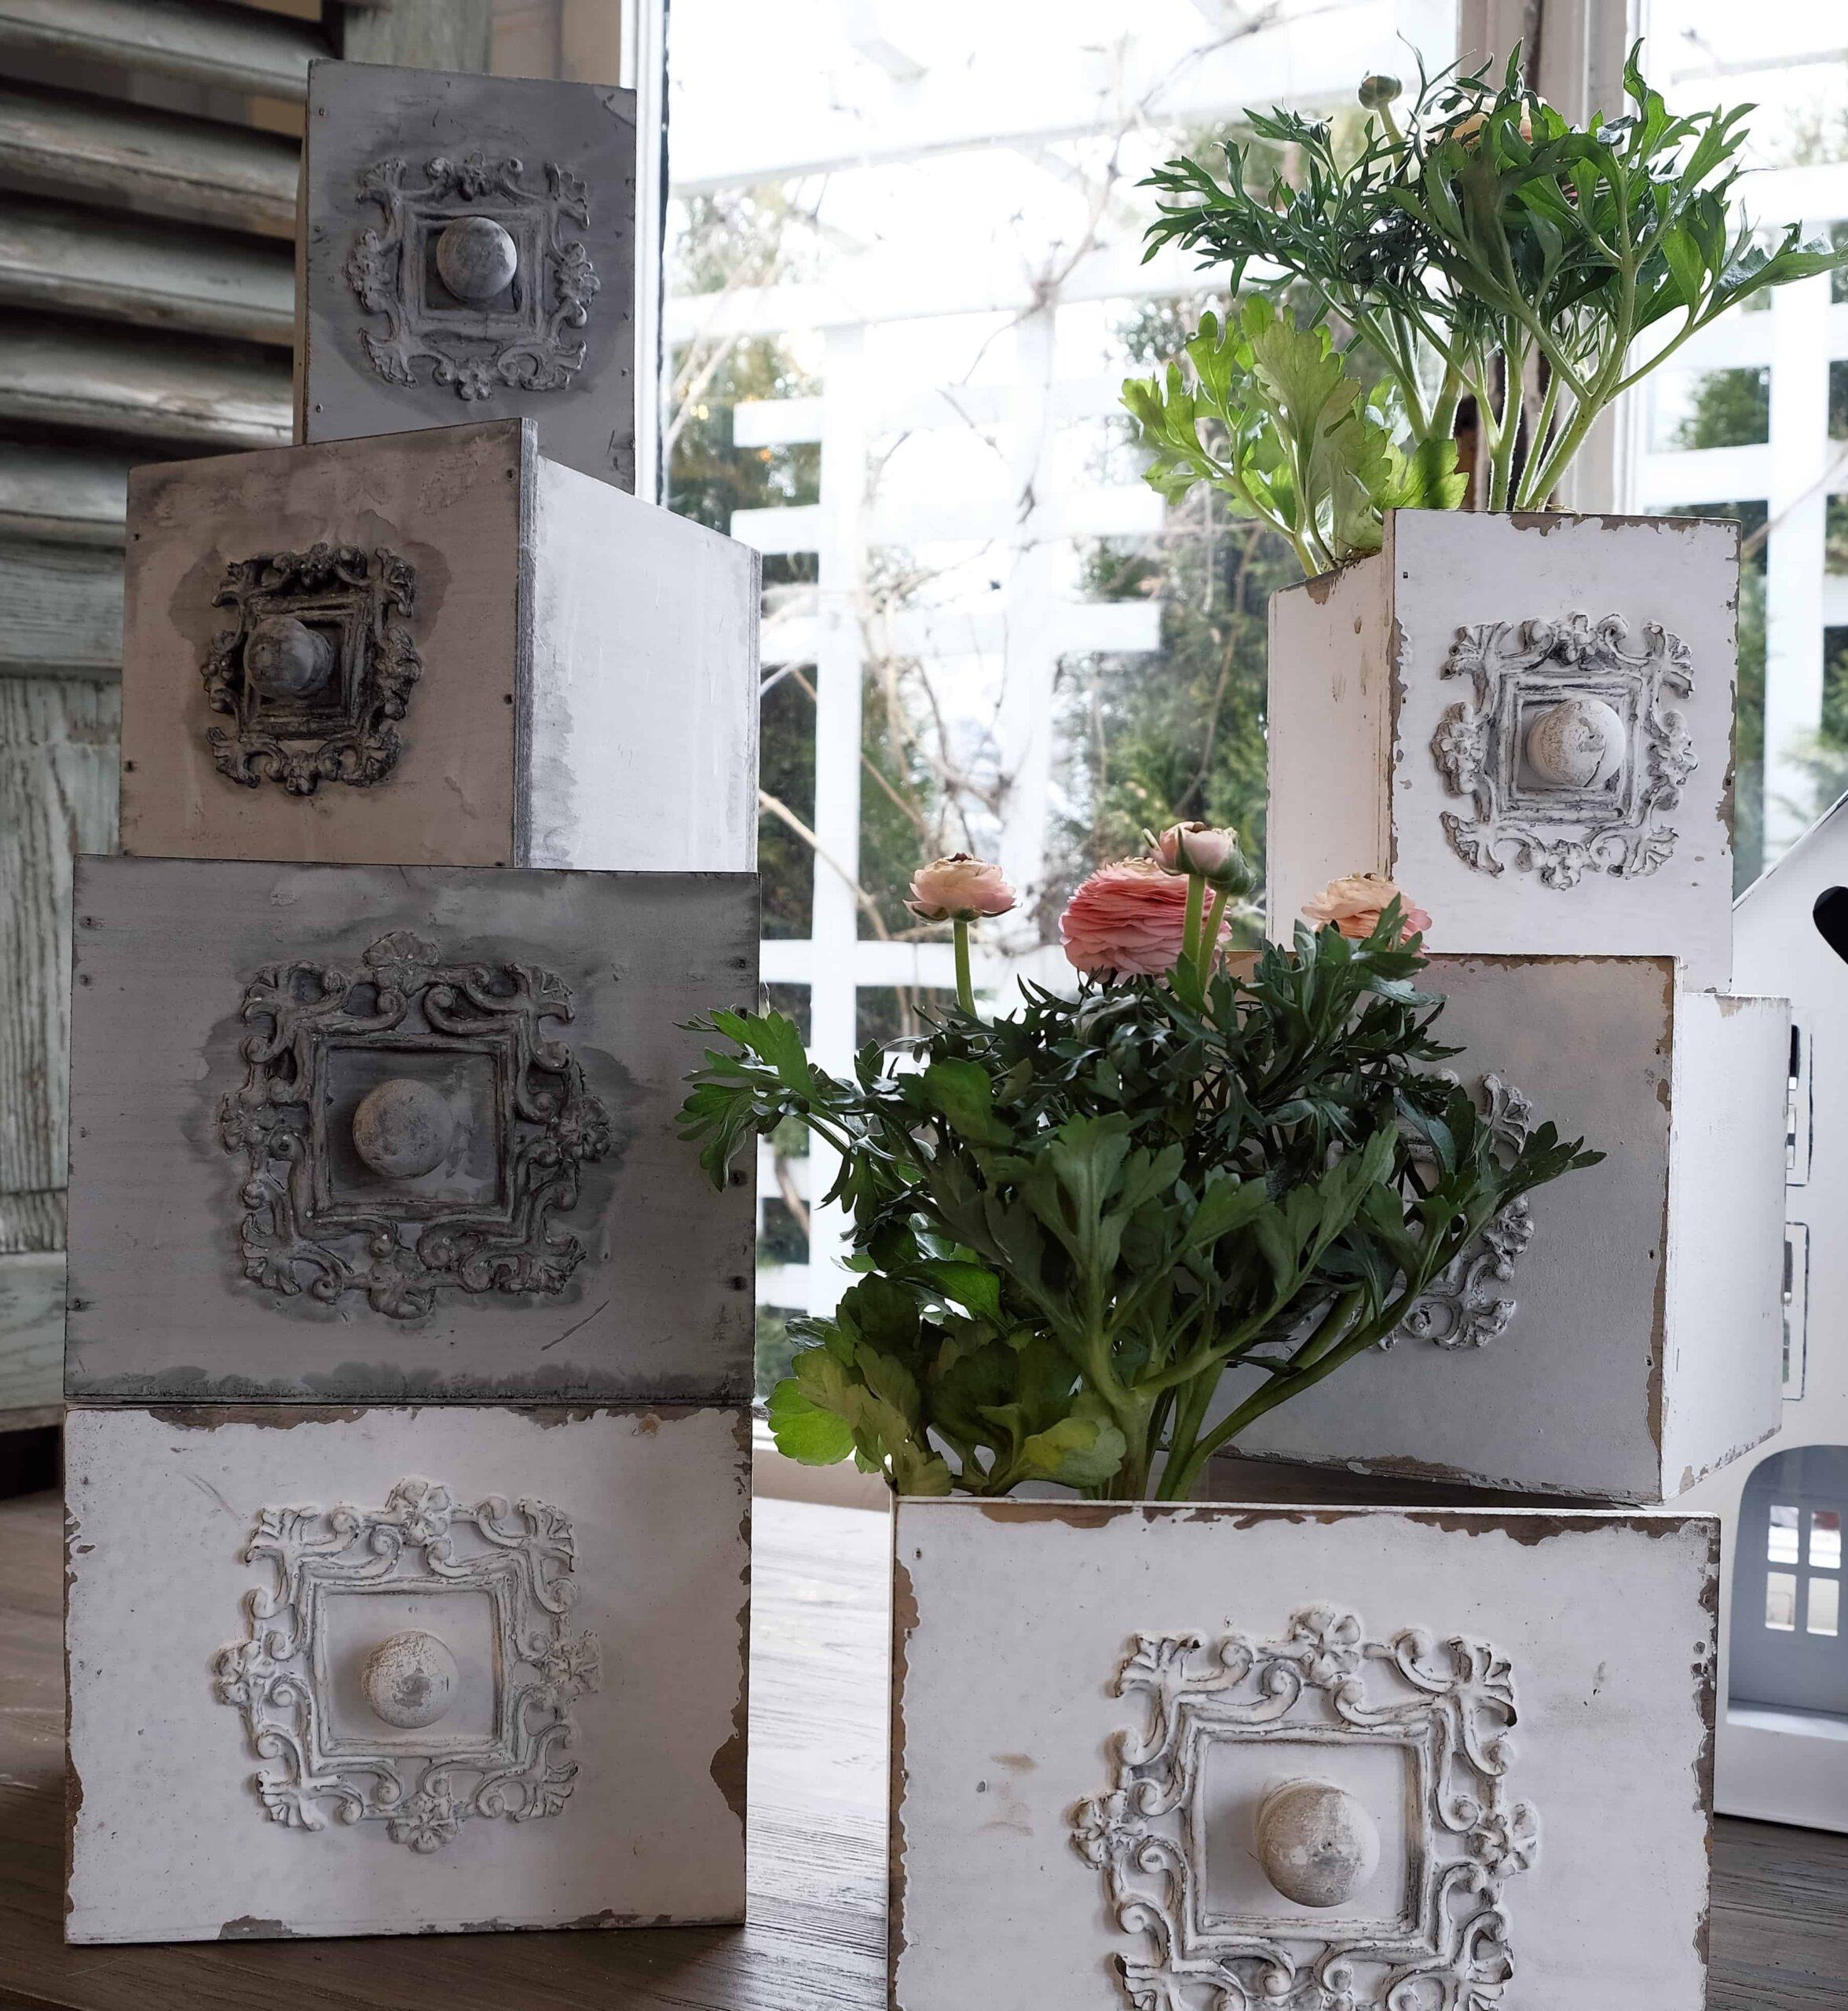 Full Size of Pflanzkasten Holz Wei Ornamente Garten Shabby Landhaus Küche Landhausstil Badezimmer Deko Weisse Landhausküche Wohnzimmer Grau Schlafzimmer Bett Weiß Sofa Wohnzimmer Deko Shabby Landhaus